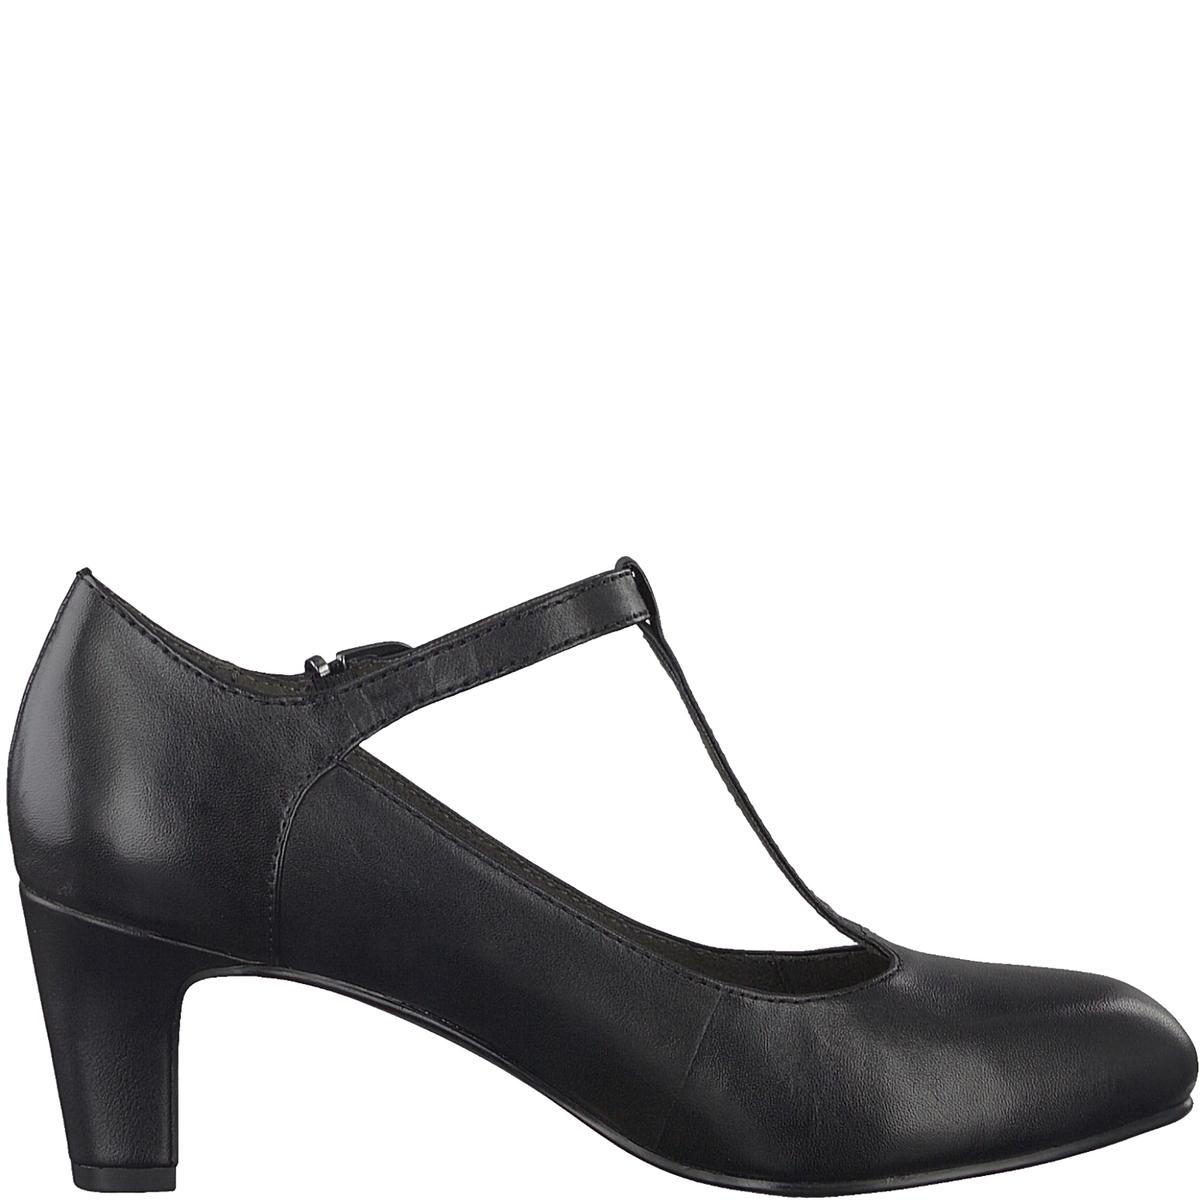 Туфли кожаные CaxiasДетали •  Широкий каблук •  Высота каблука : 6 см •  Застежка : без застежки •  Круглый мысокСостав и уход •  Верх 100% кожа •  Подкладка 50% синтетического материала, 50% текстиля •  Стелька 100% синтетический материал<br><br>Цвет: черный<br>Размер: 37